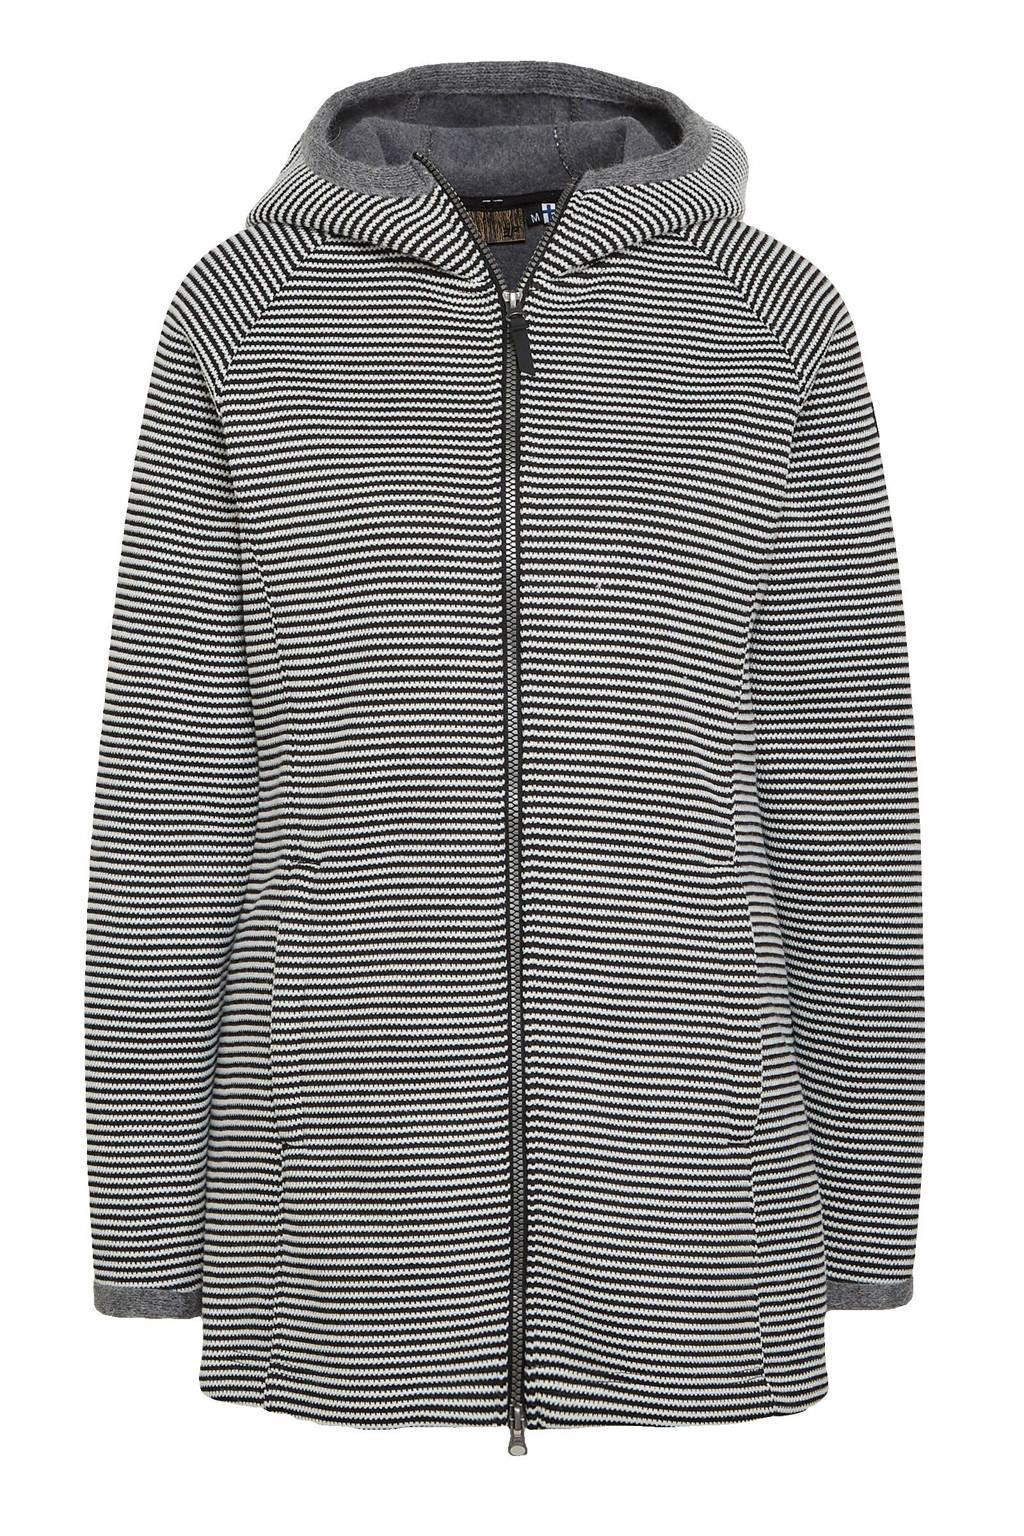 Icepeak outdoor vest aurora wit/zwart/grijs, Wit/zwart/grijs